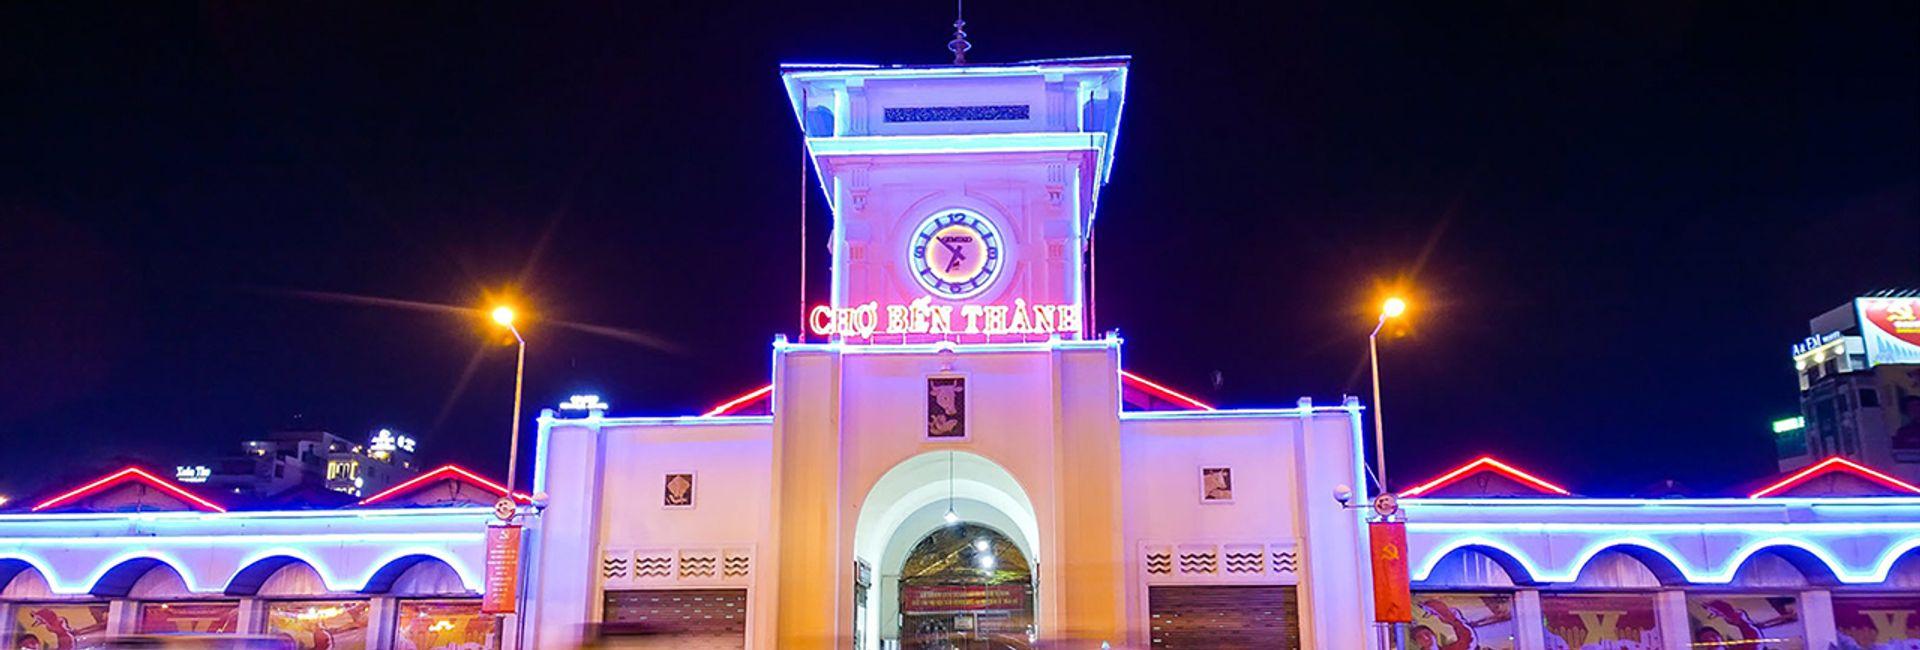 Tổng hợp 5 khu chợ Sài Gòn nổi tiếng sầm uất nhất